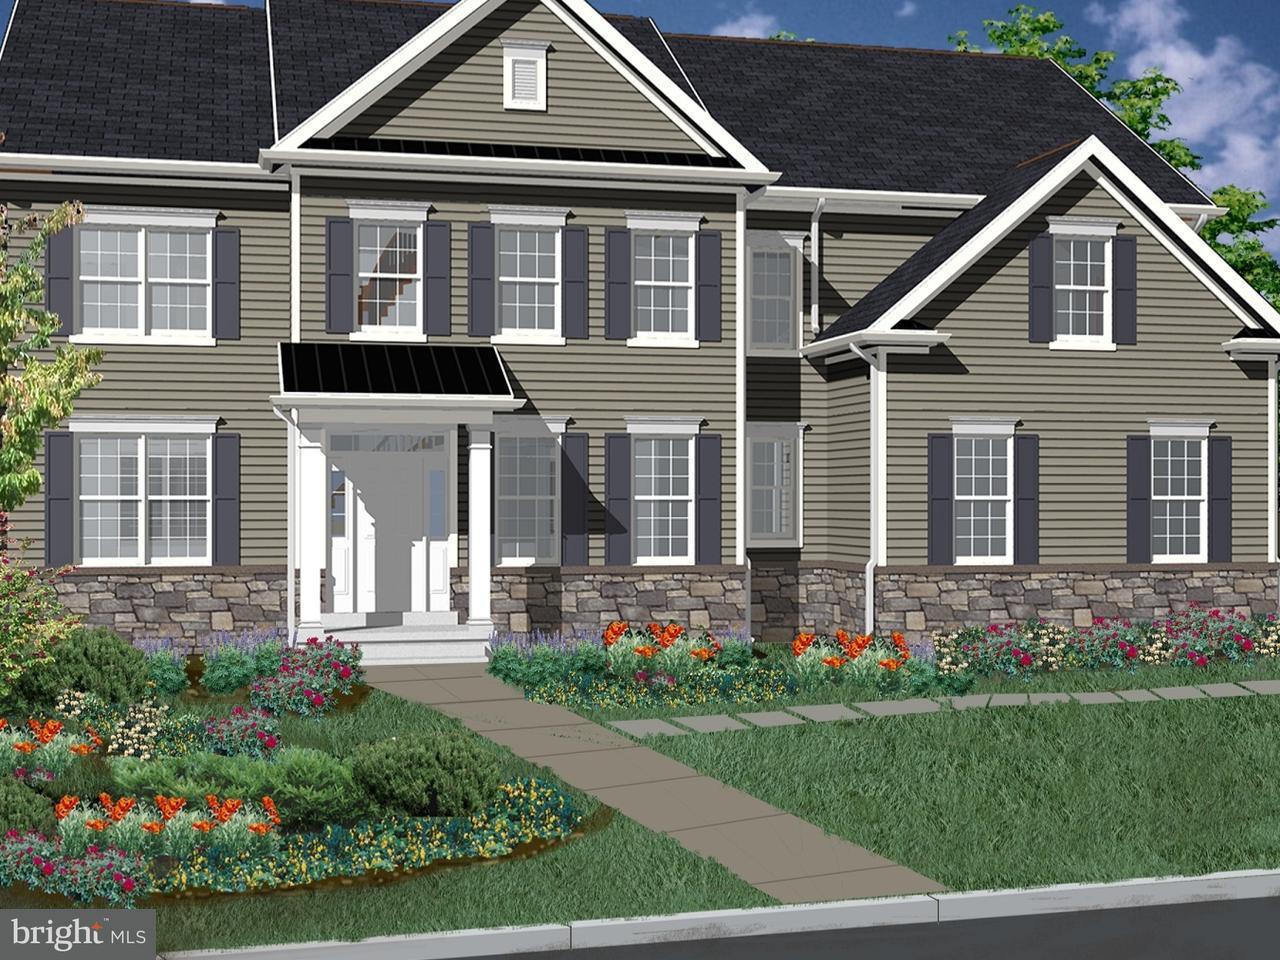 Частный односемейный дом для того Продажа на IRONWORKS Circle Ivyland, Пенсильвания 18974 Соединенные Штаты